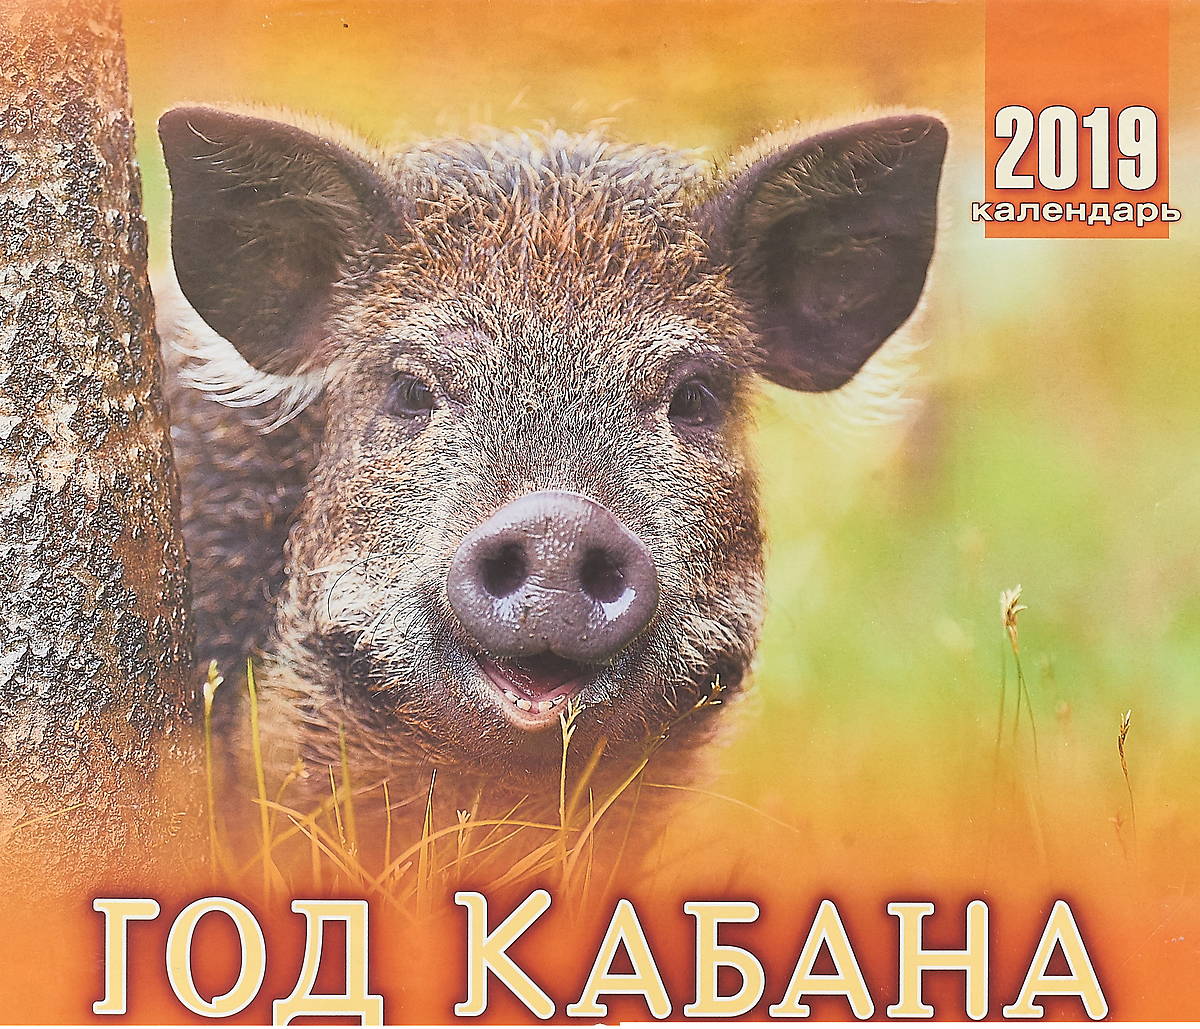 Календарь перекидной на 2019 год. Год кабана надувной матрас intex 188x71cm 59894